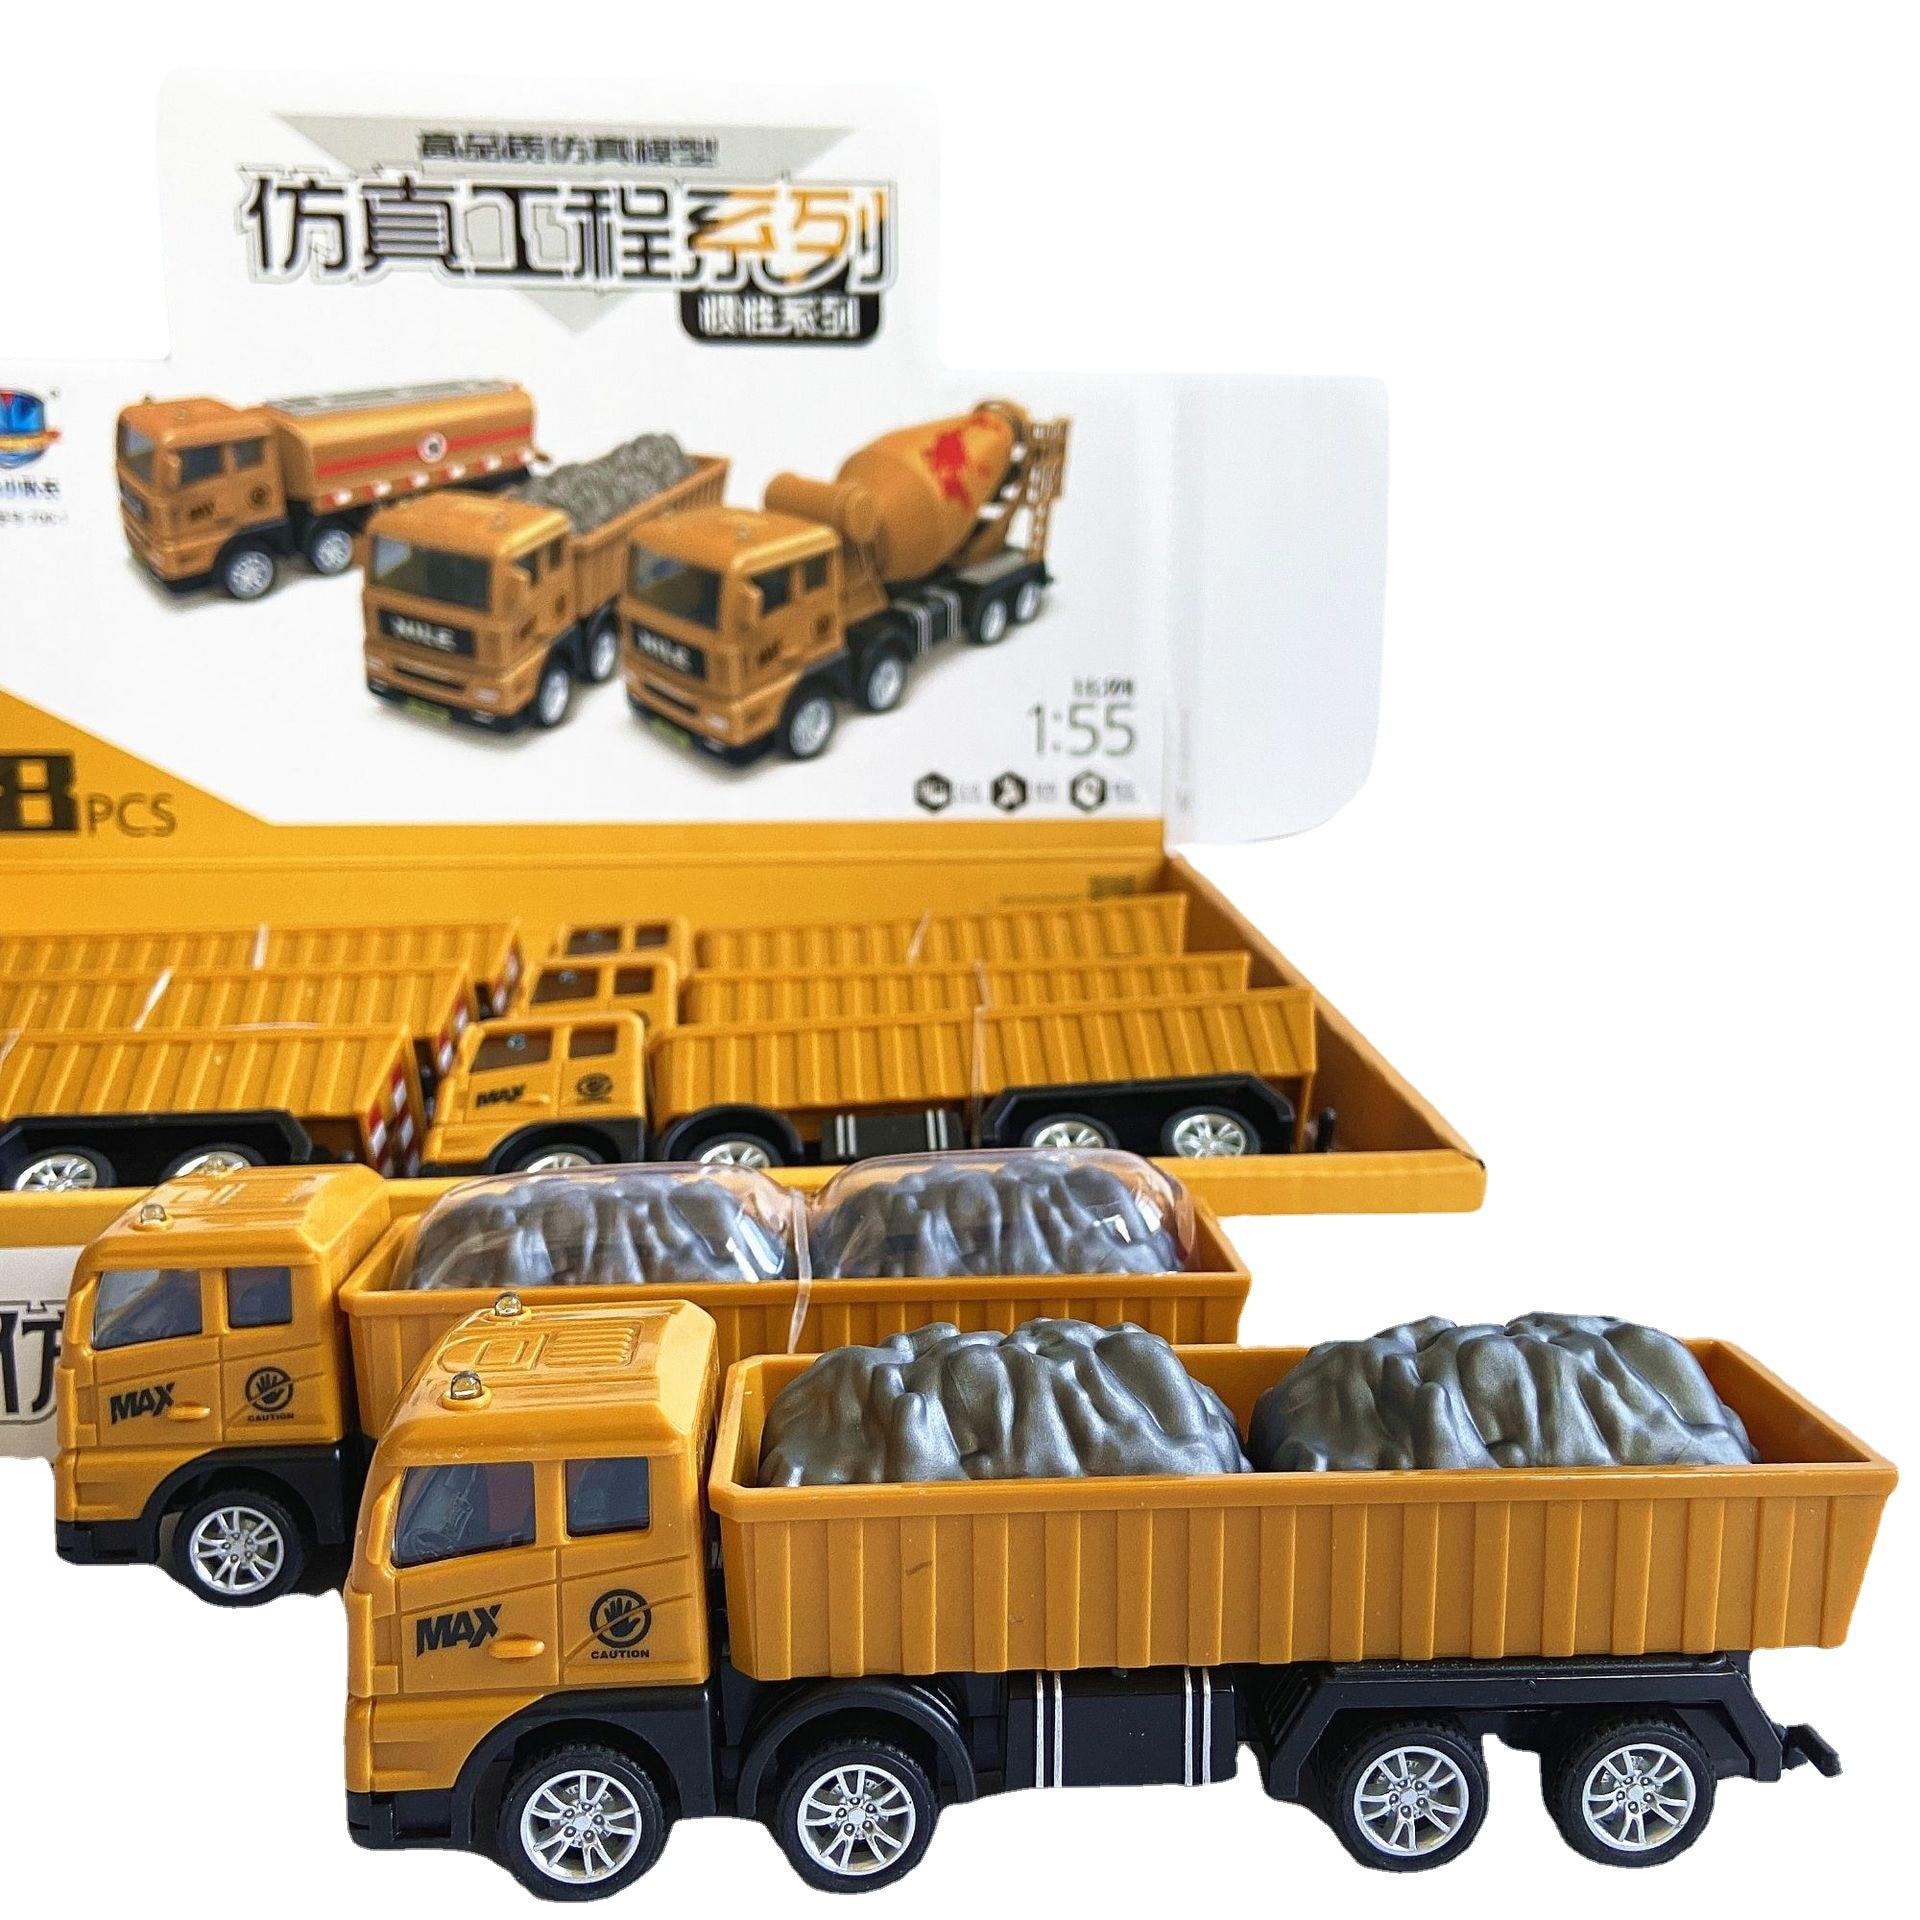 brinquedo de inercia veicular carrinho de brinquedo 155 para simulacao de inercia